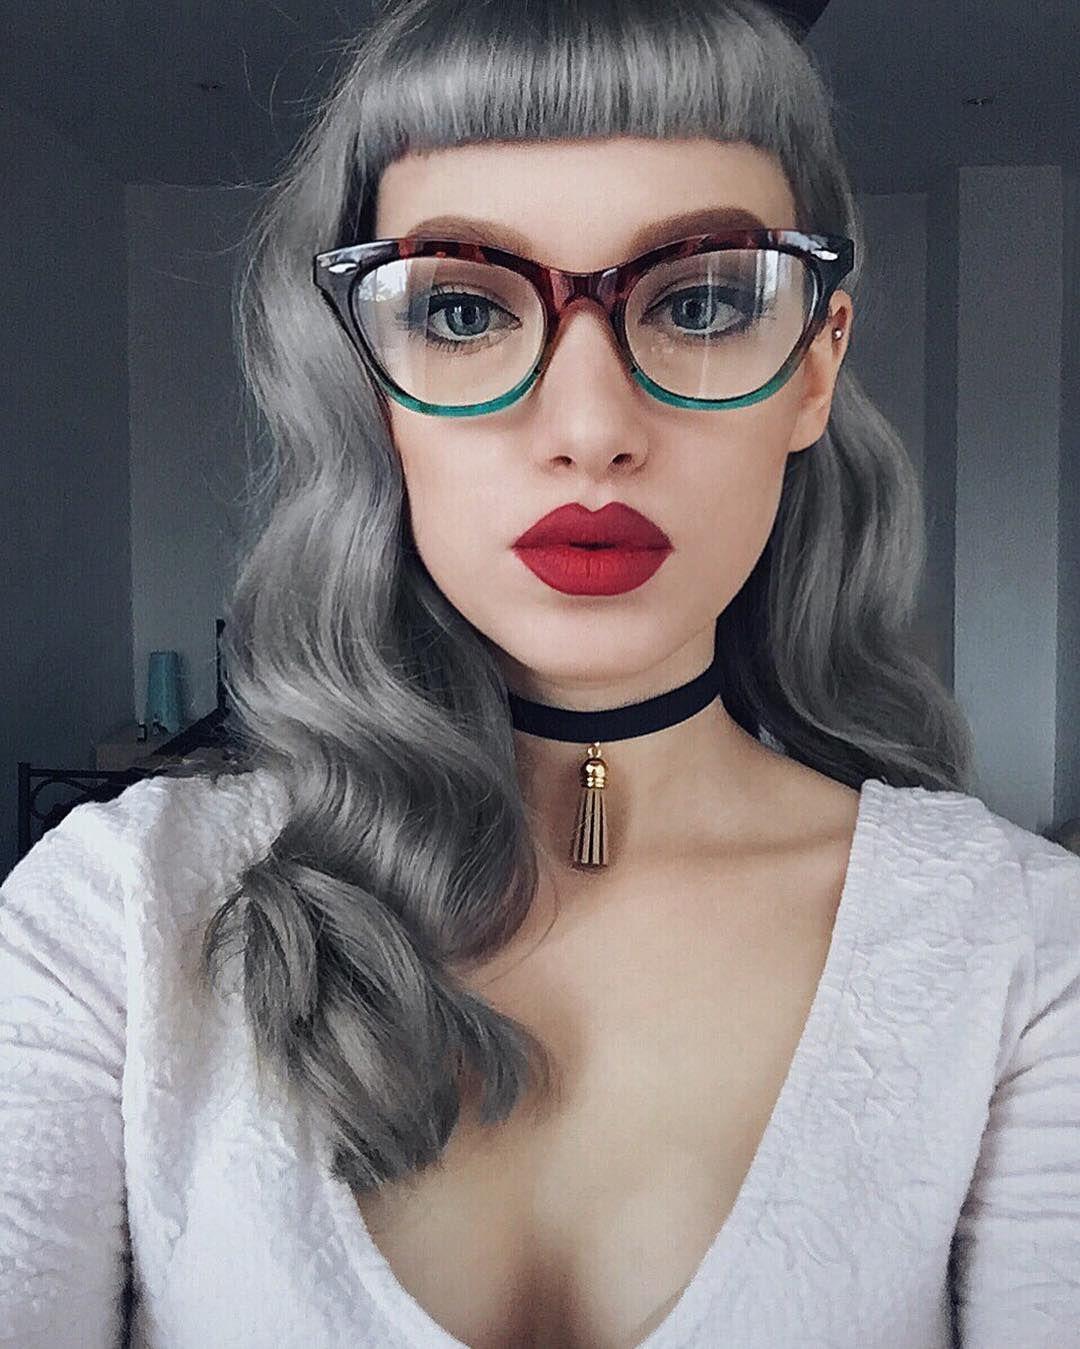 Couleur de lunette pour cheveux gris